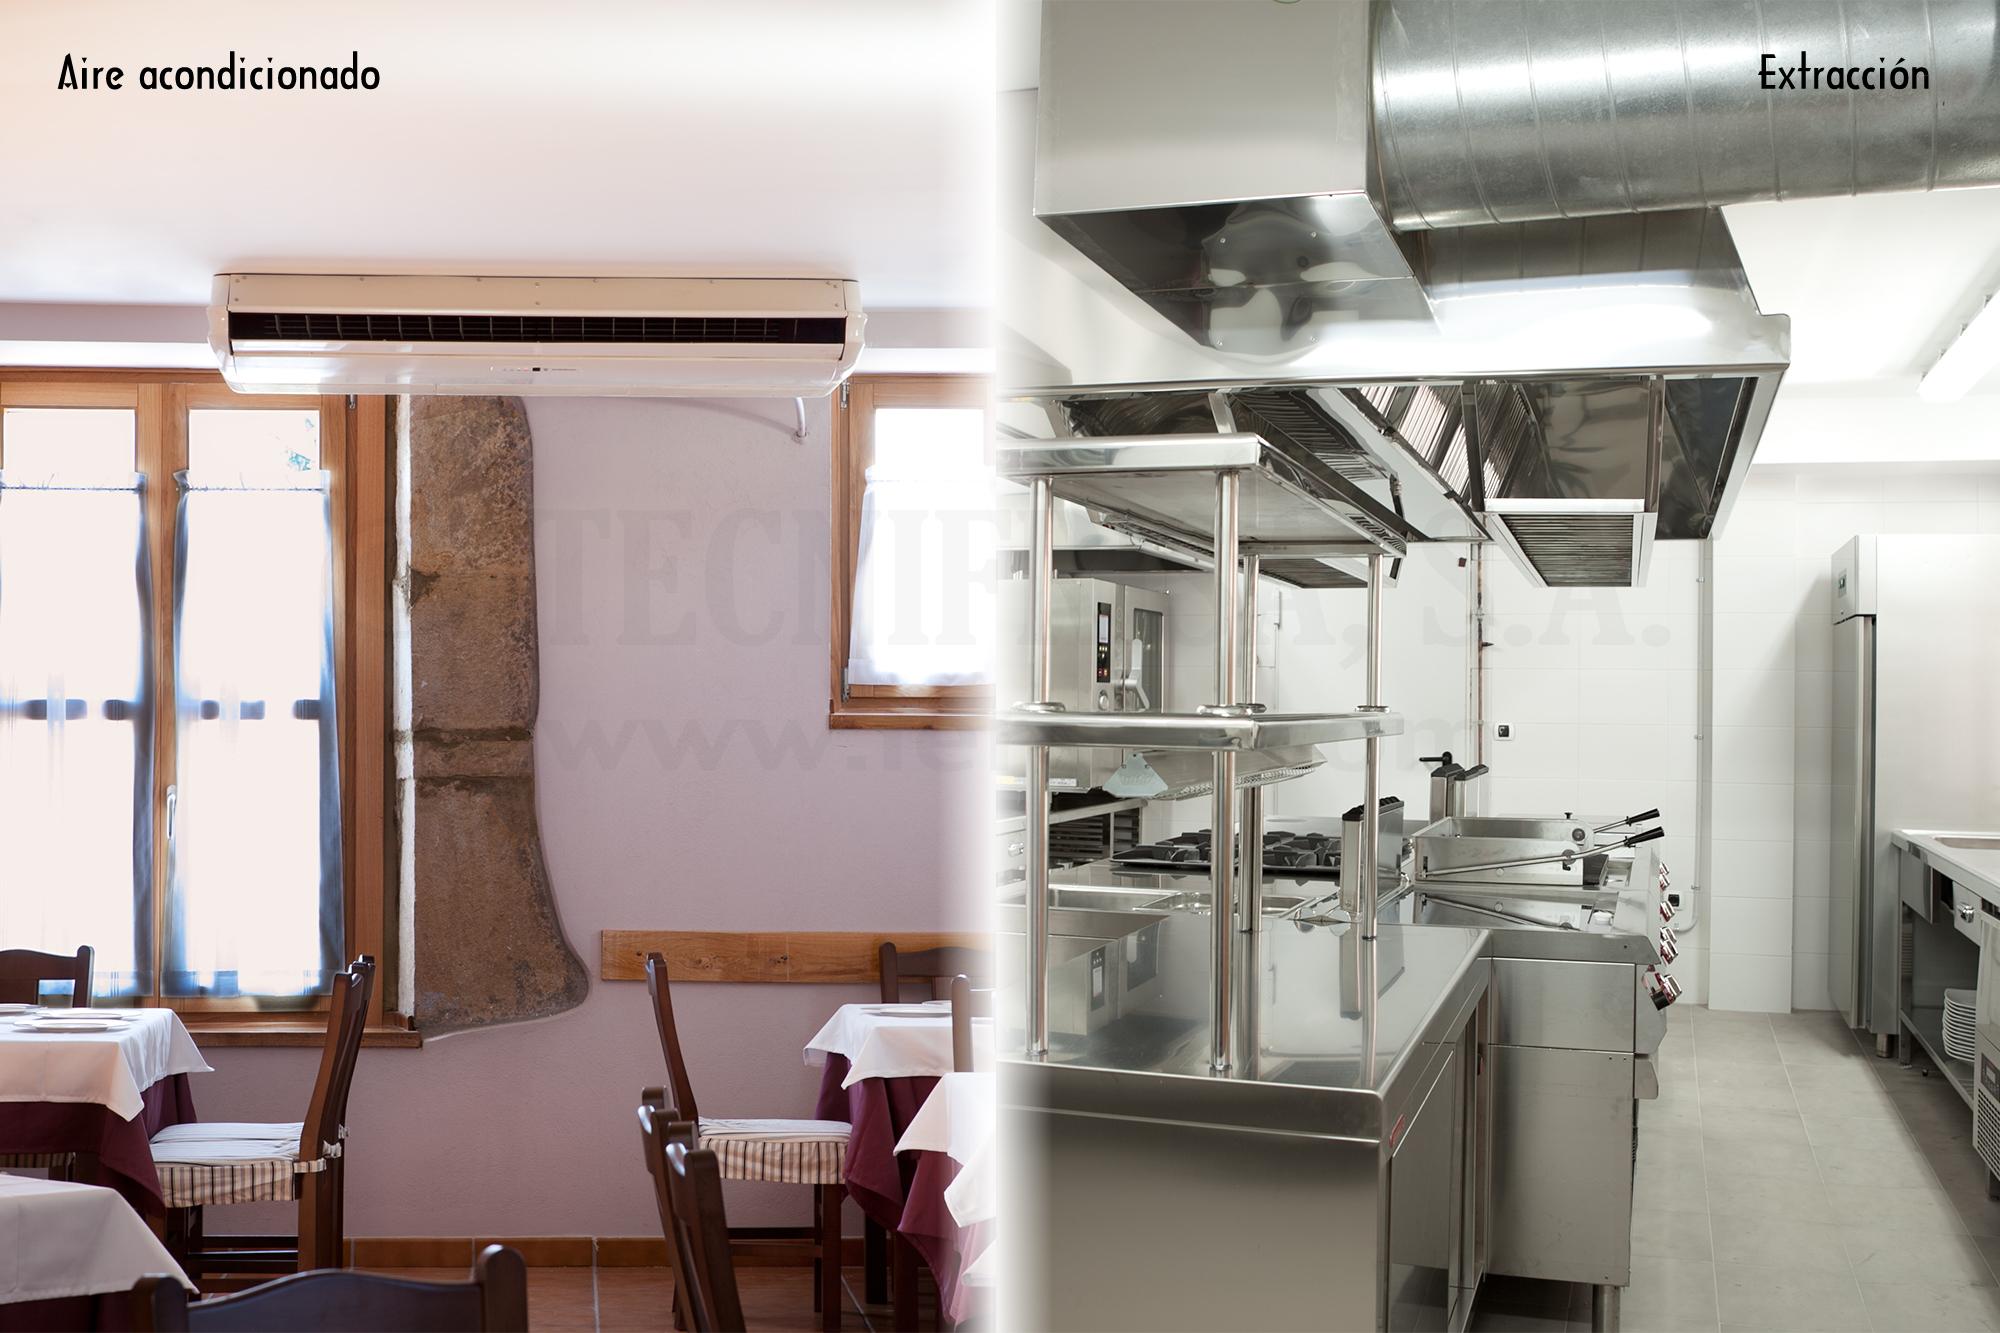 Tecnifrisa climatizacion a a extraccion y salidas de humos for Instalacion cocina industrial